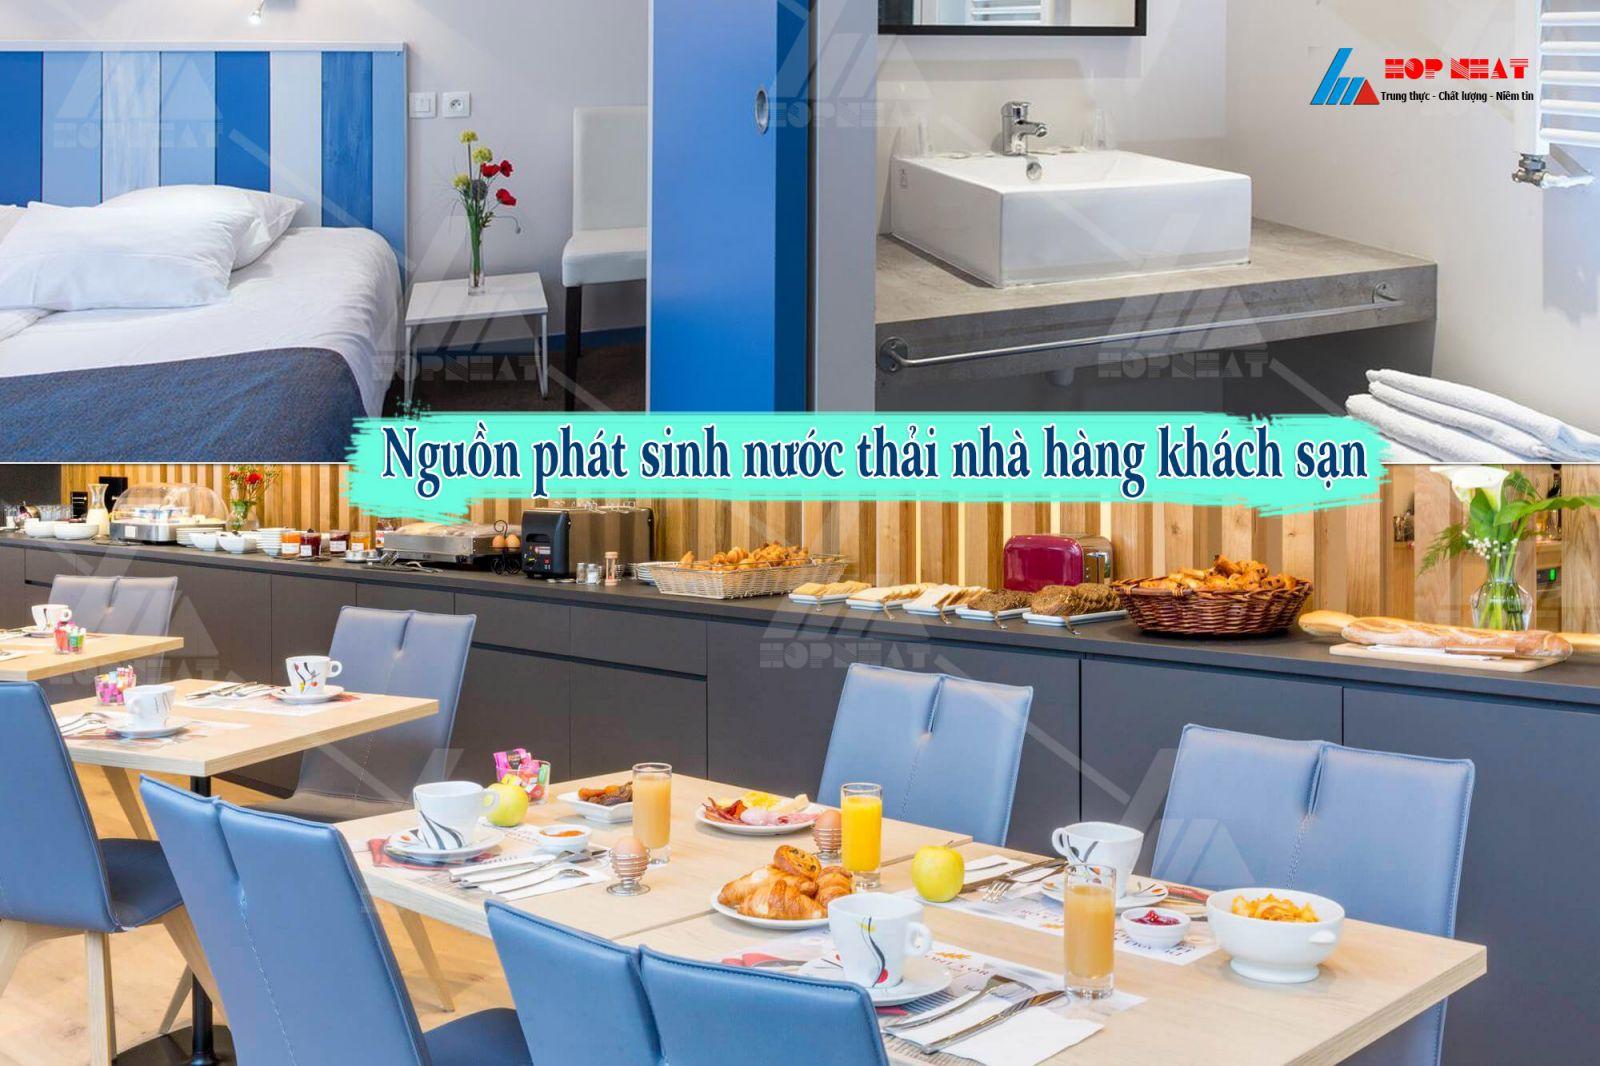 Nhà hàng khách sạn và vấn đề xử lý nước thải